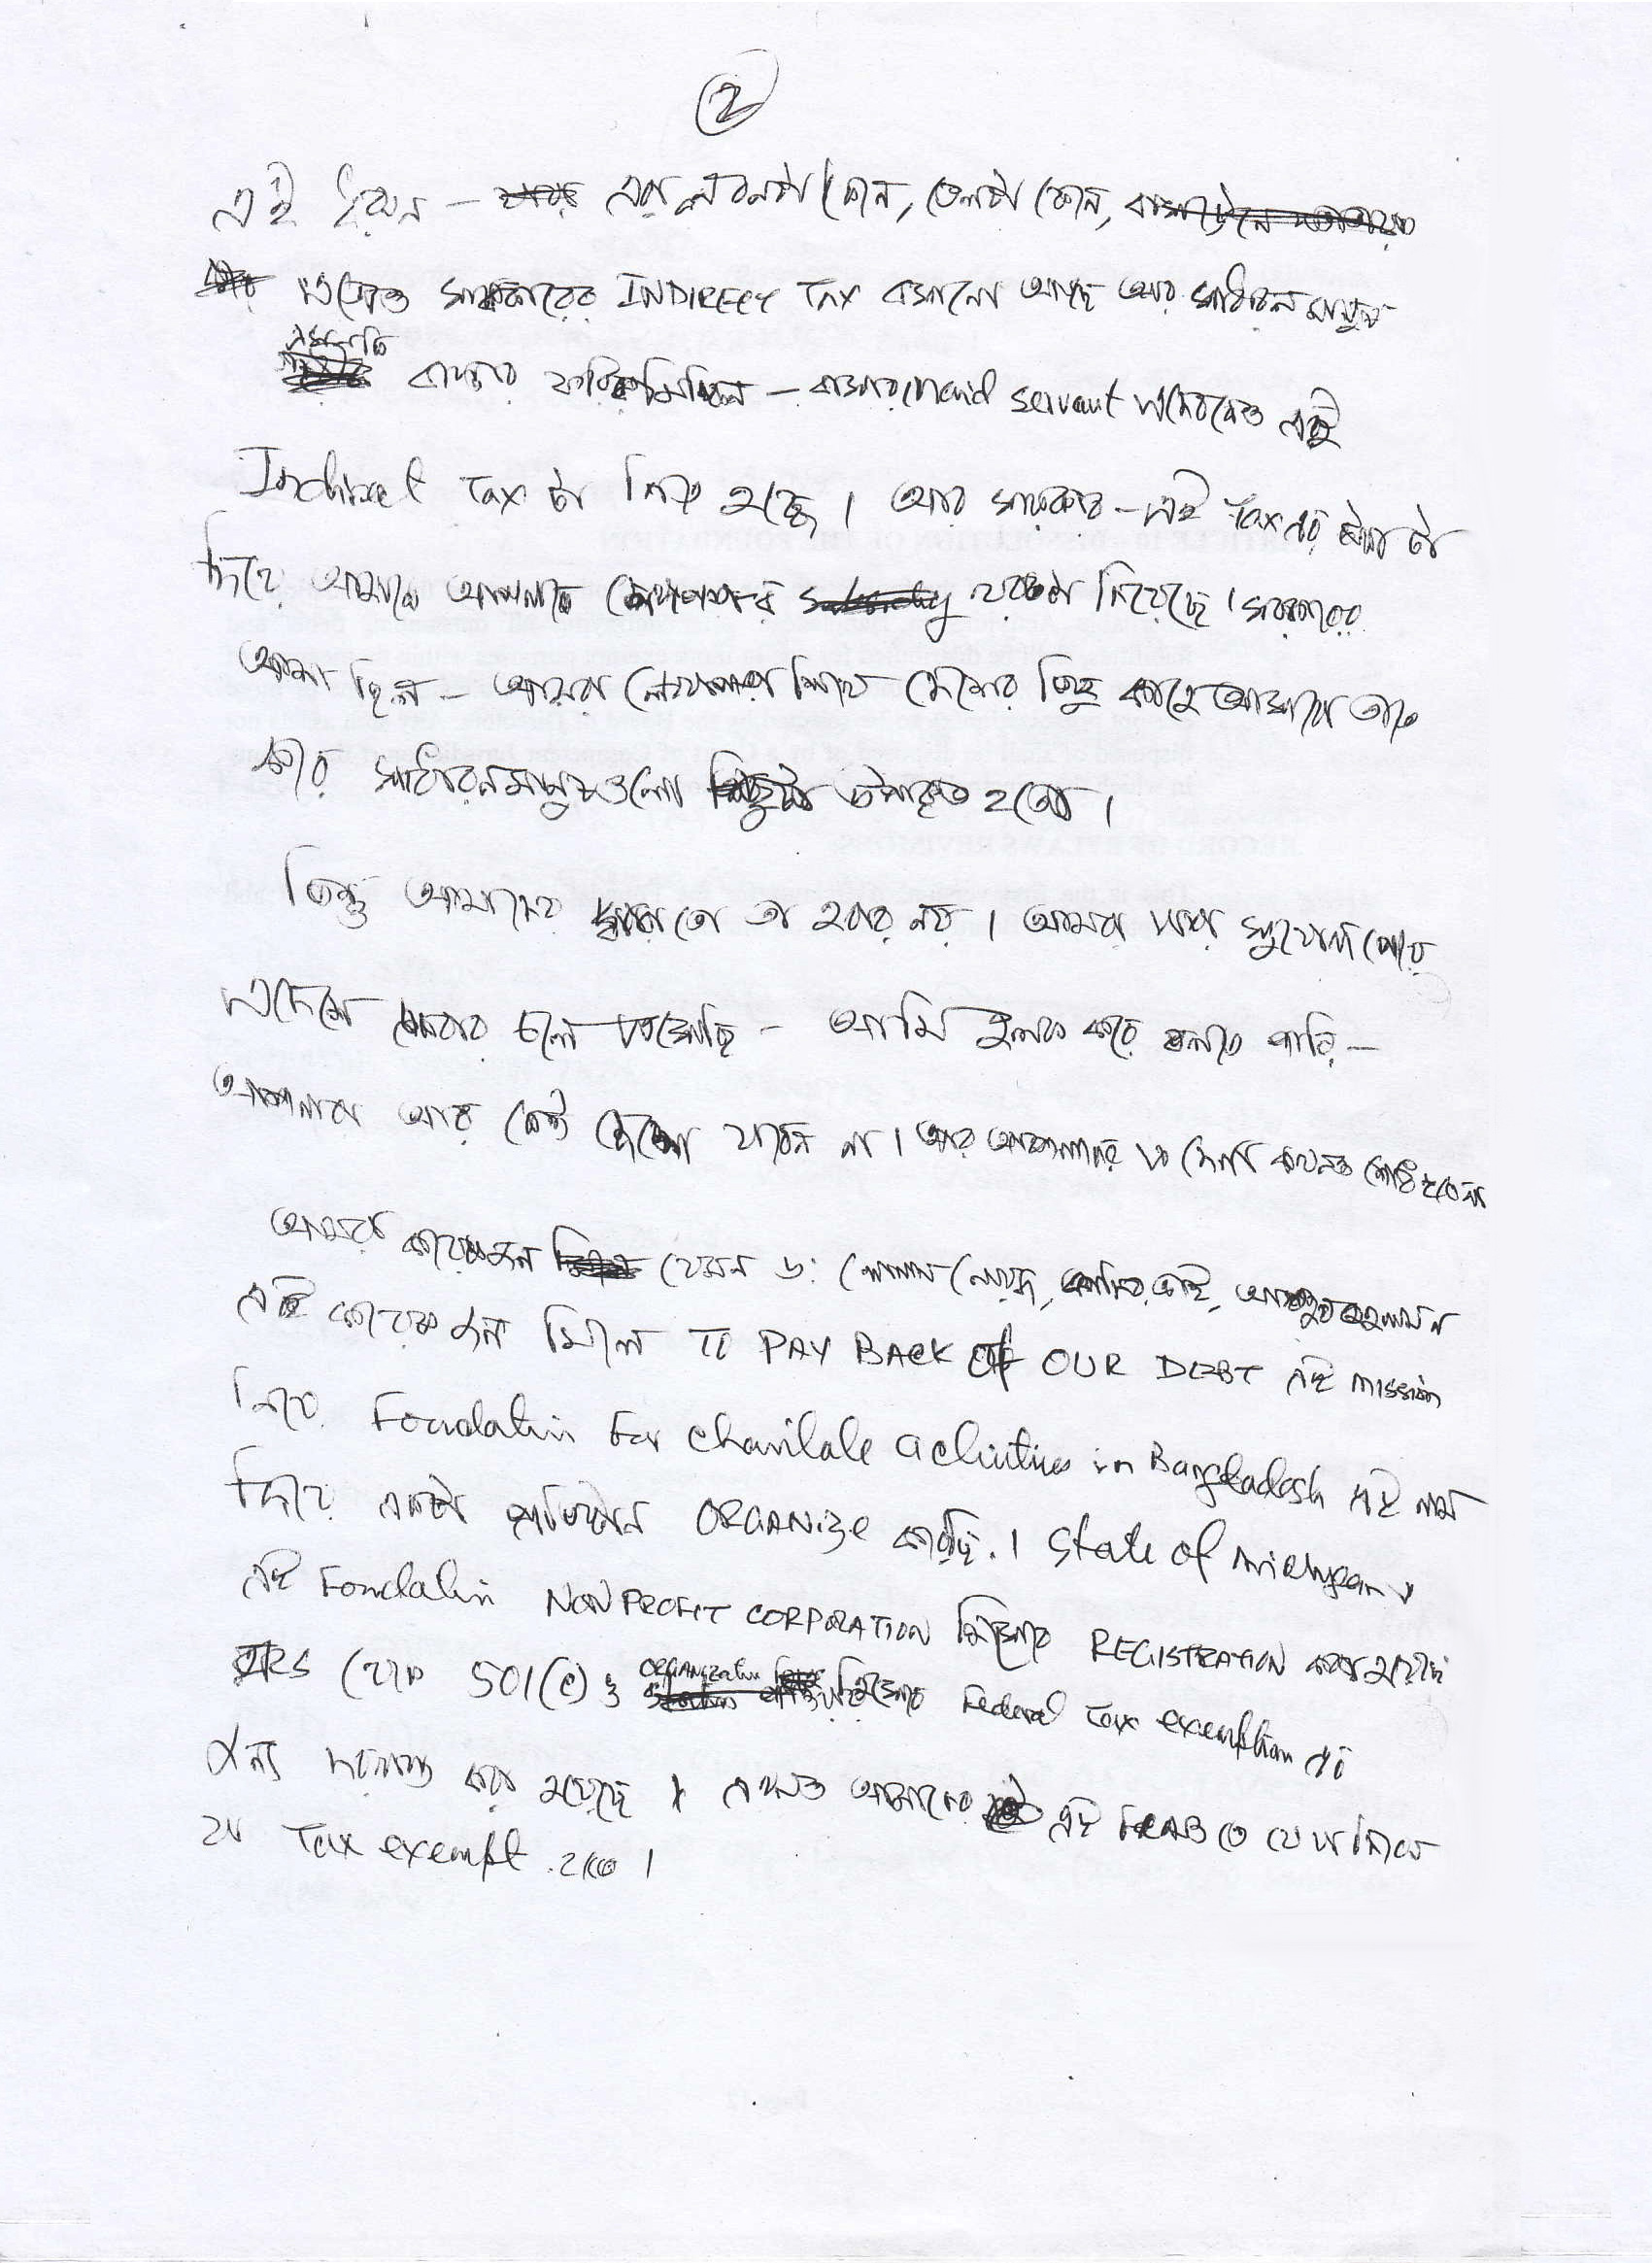 Letter Part - 2